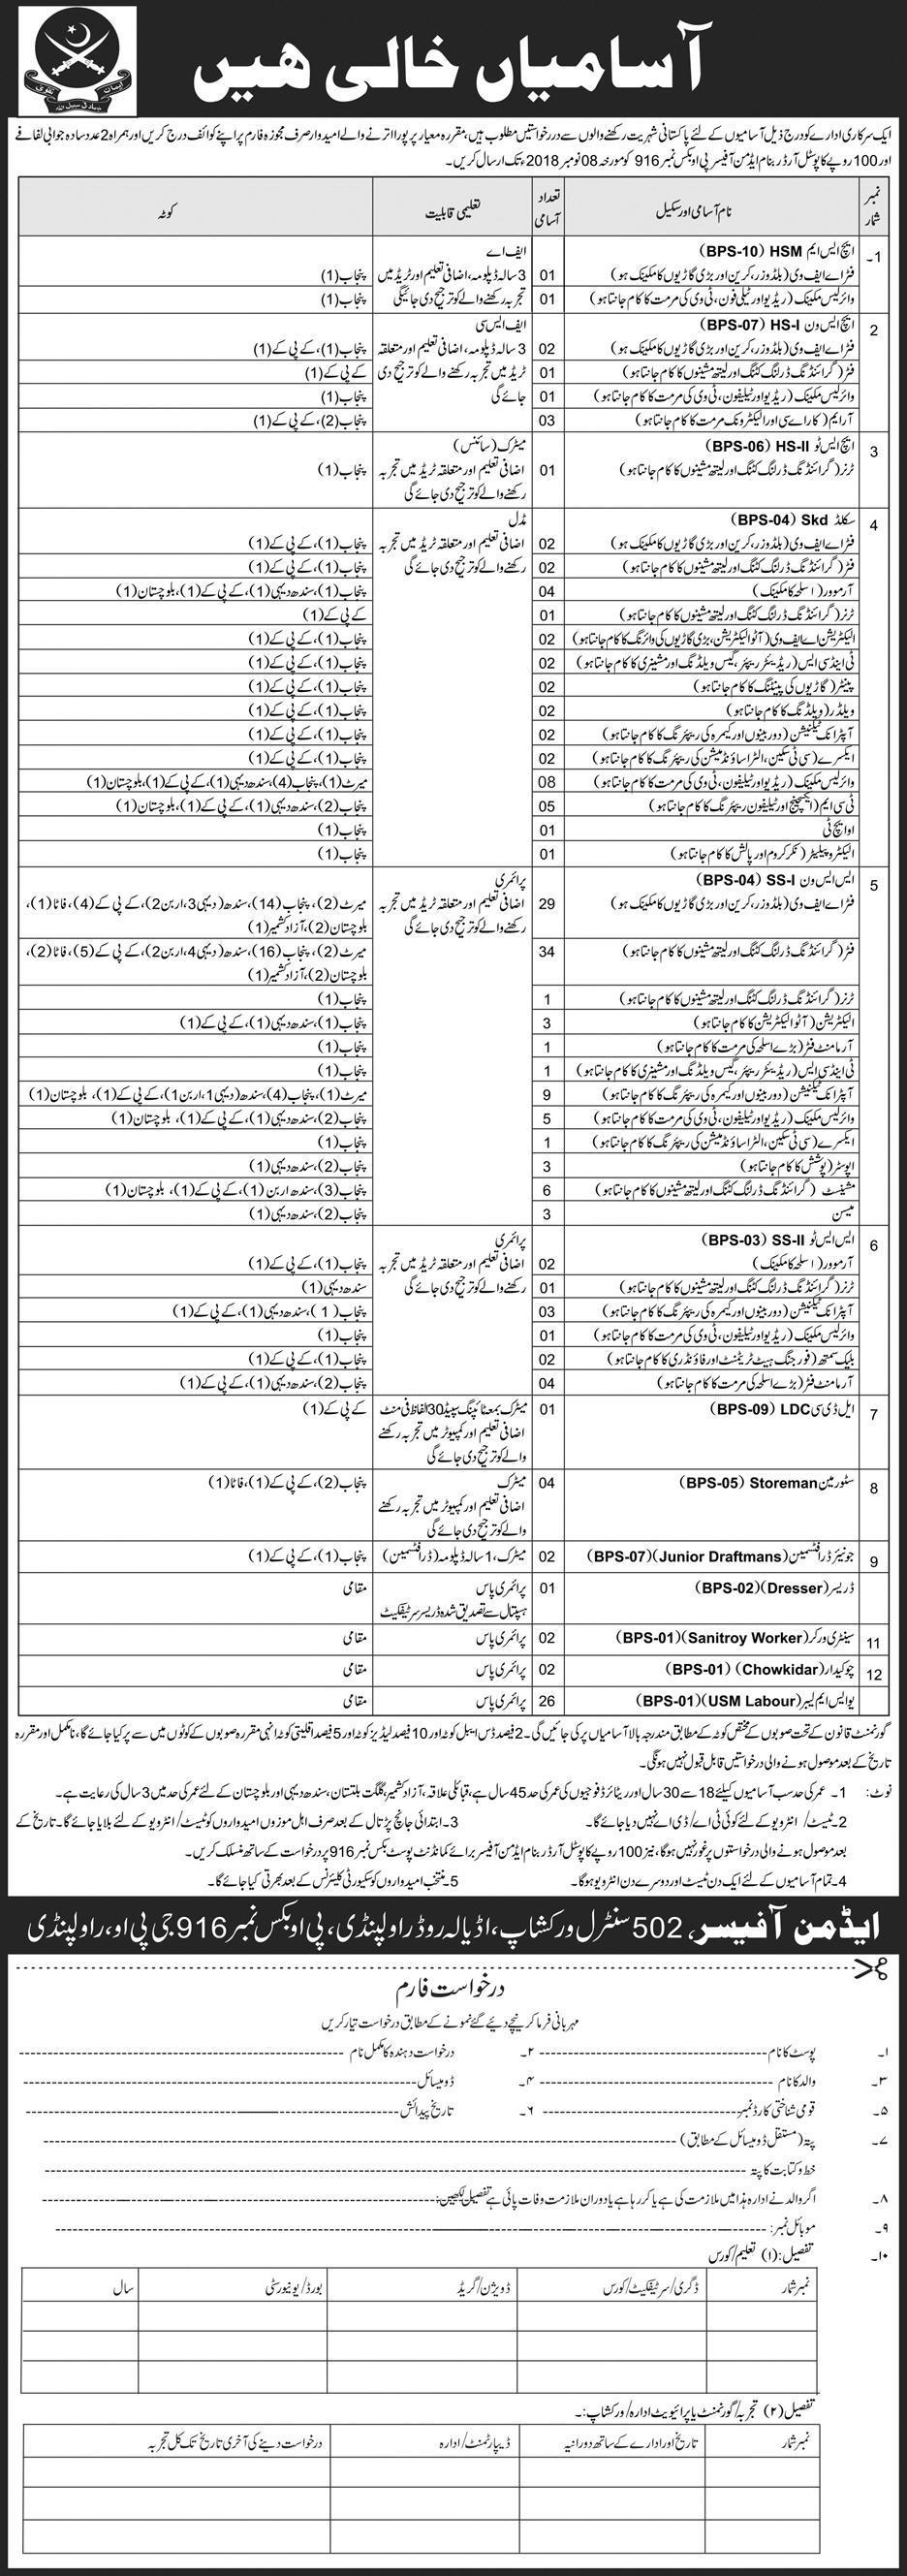 502 Workshop Rawalpindi Jobs 2018 Application Form Download502 Workshop Rawalpindi Jobs 2018 Application Form Download